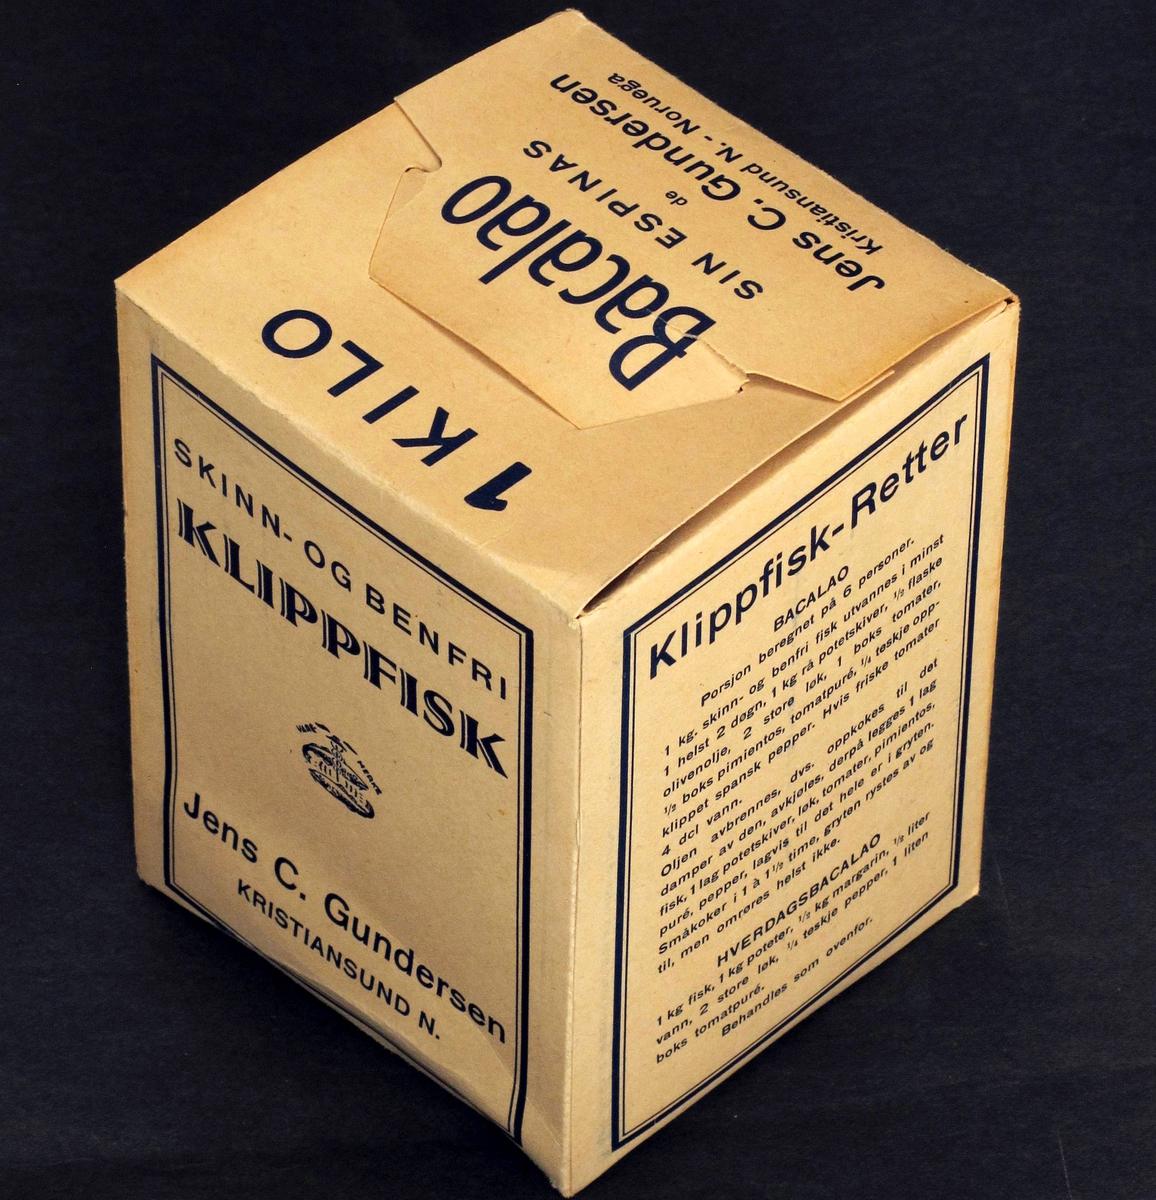 Eske, ubrukt.   Kartong, med trykt logo og tekst, bl.a oppskrift. Blå trykkfarge.